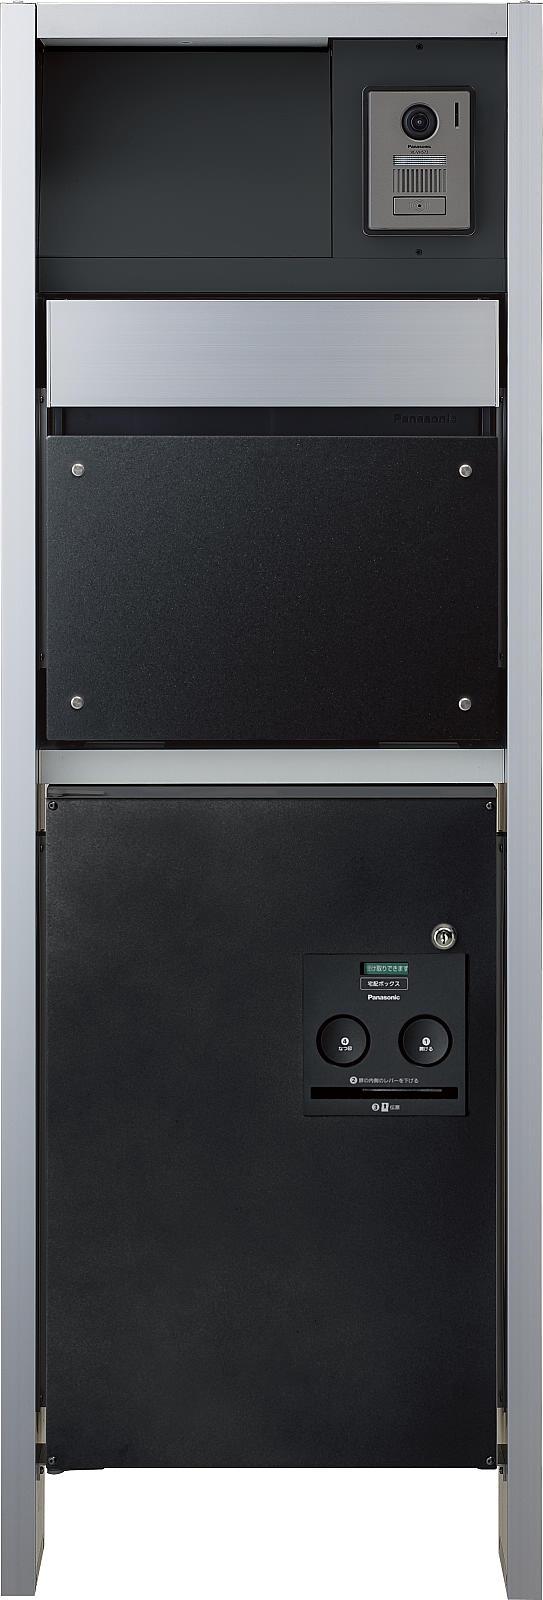 AA199ABEX-PA0080006